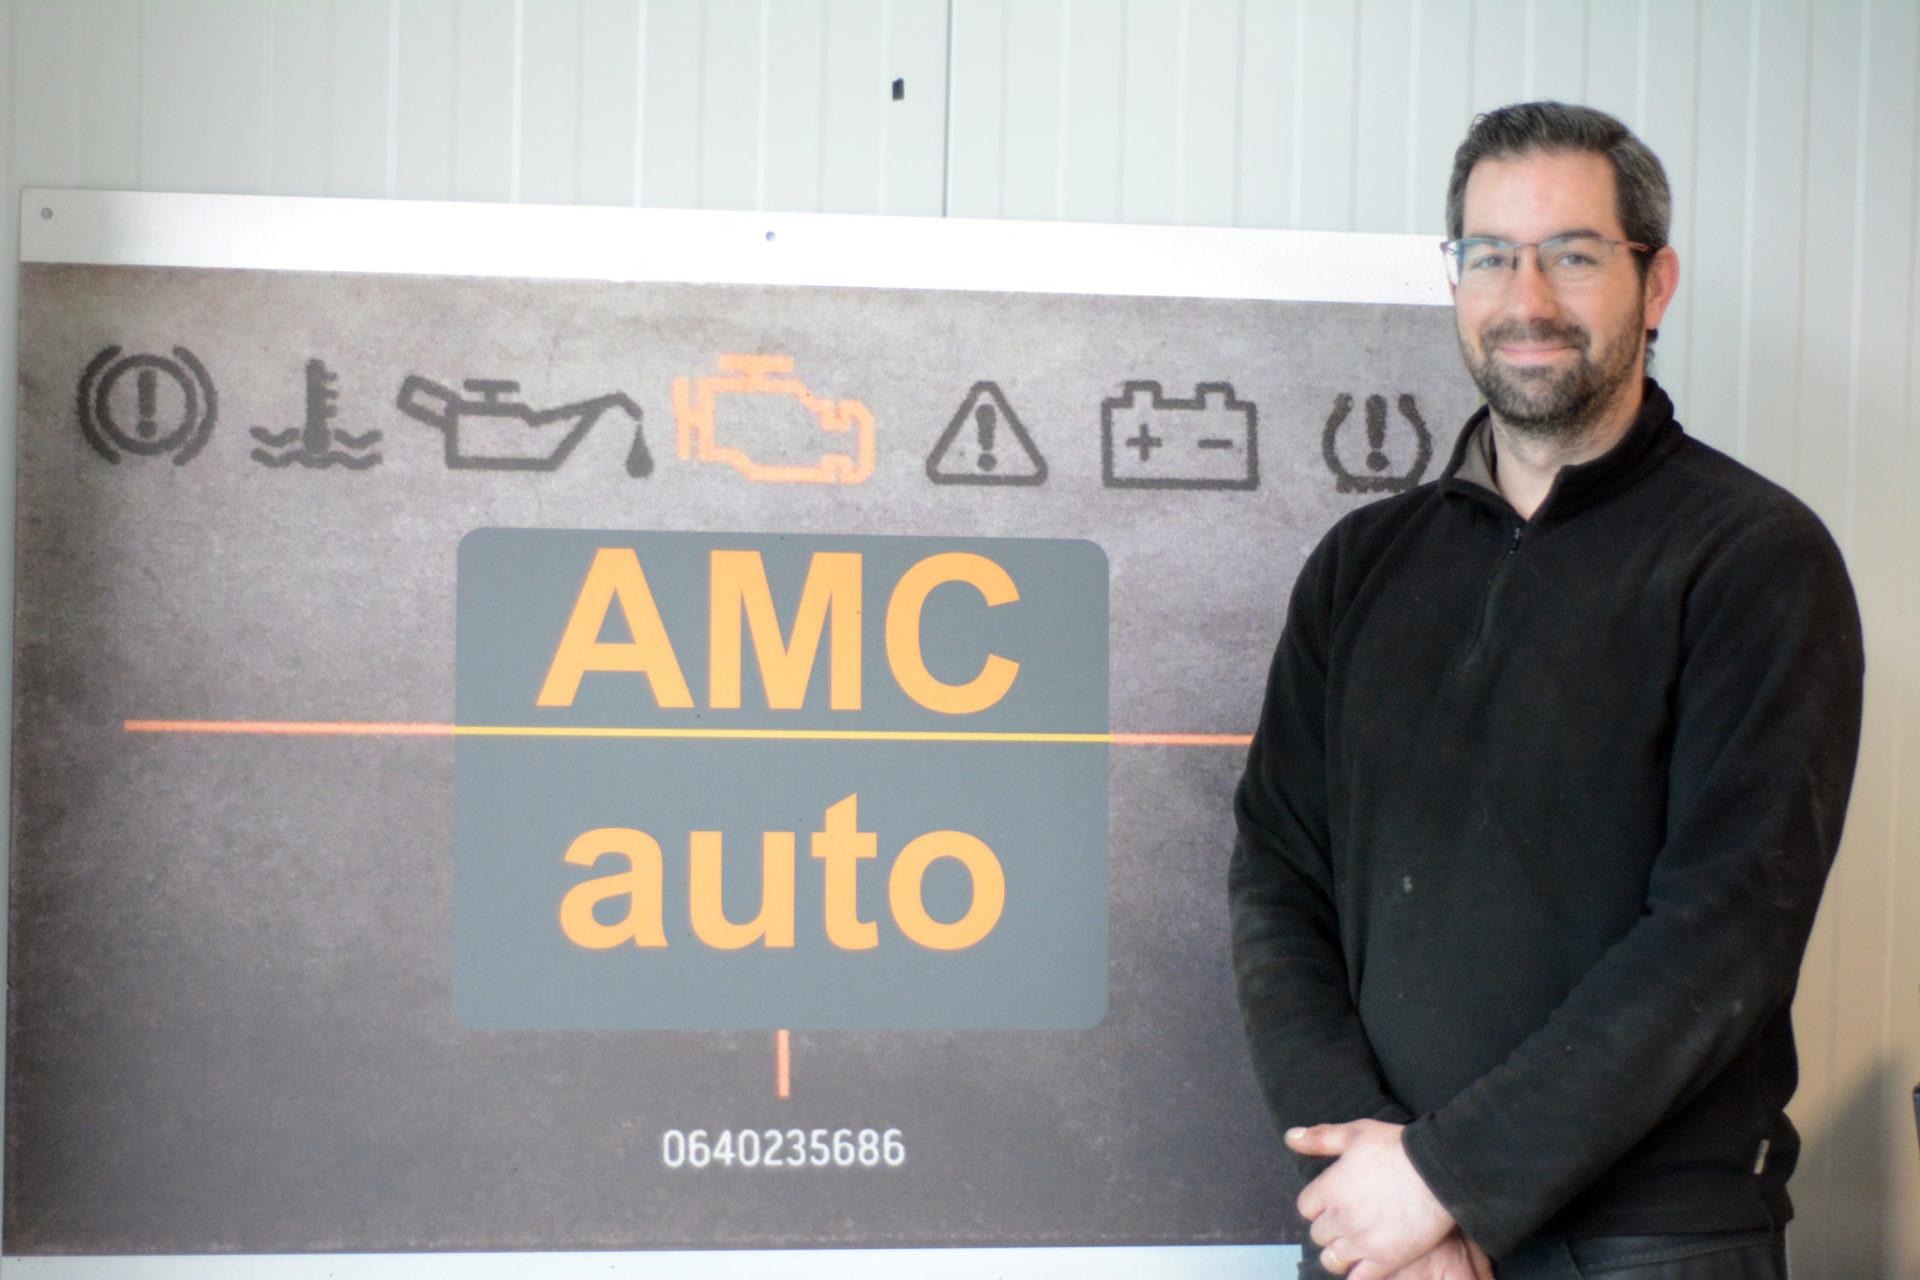 AMC Auto